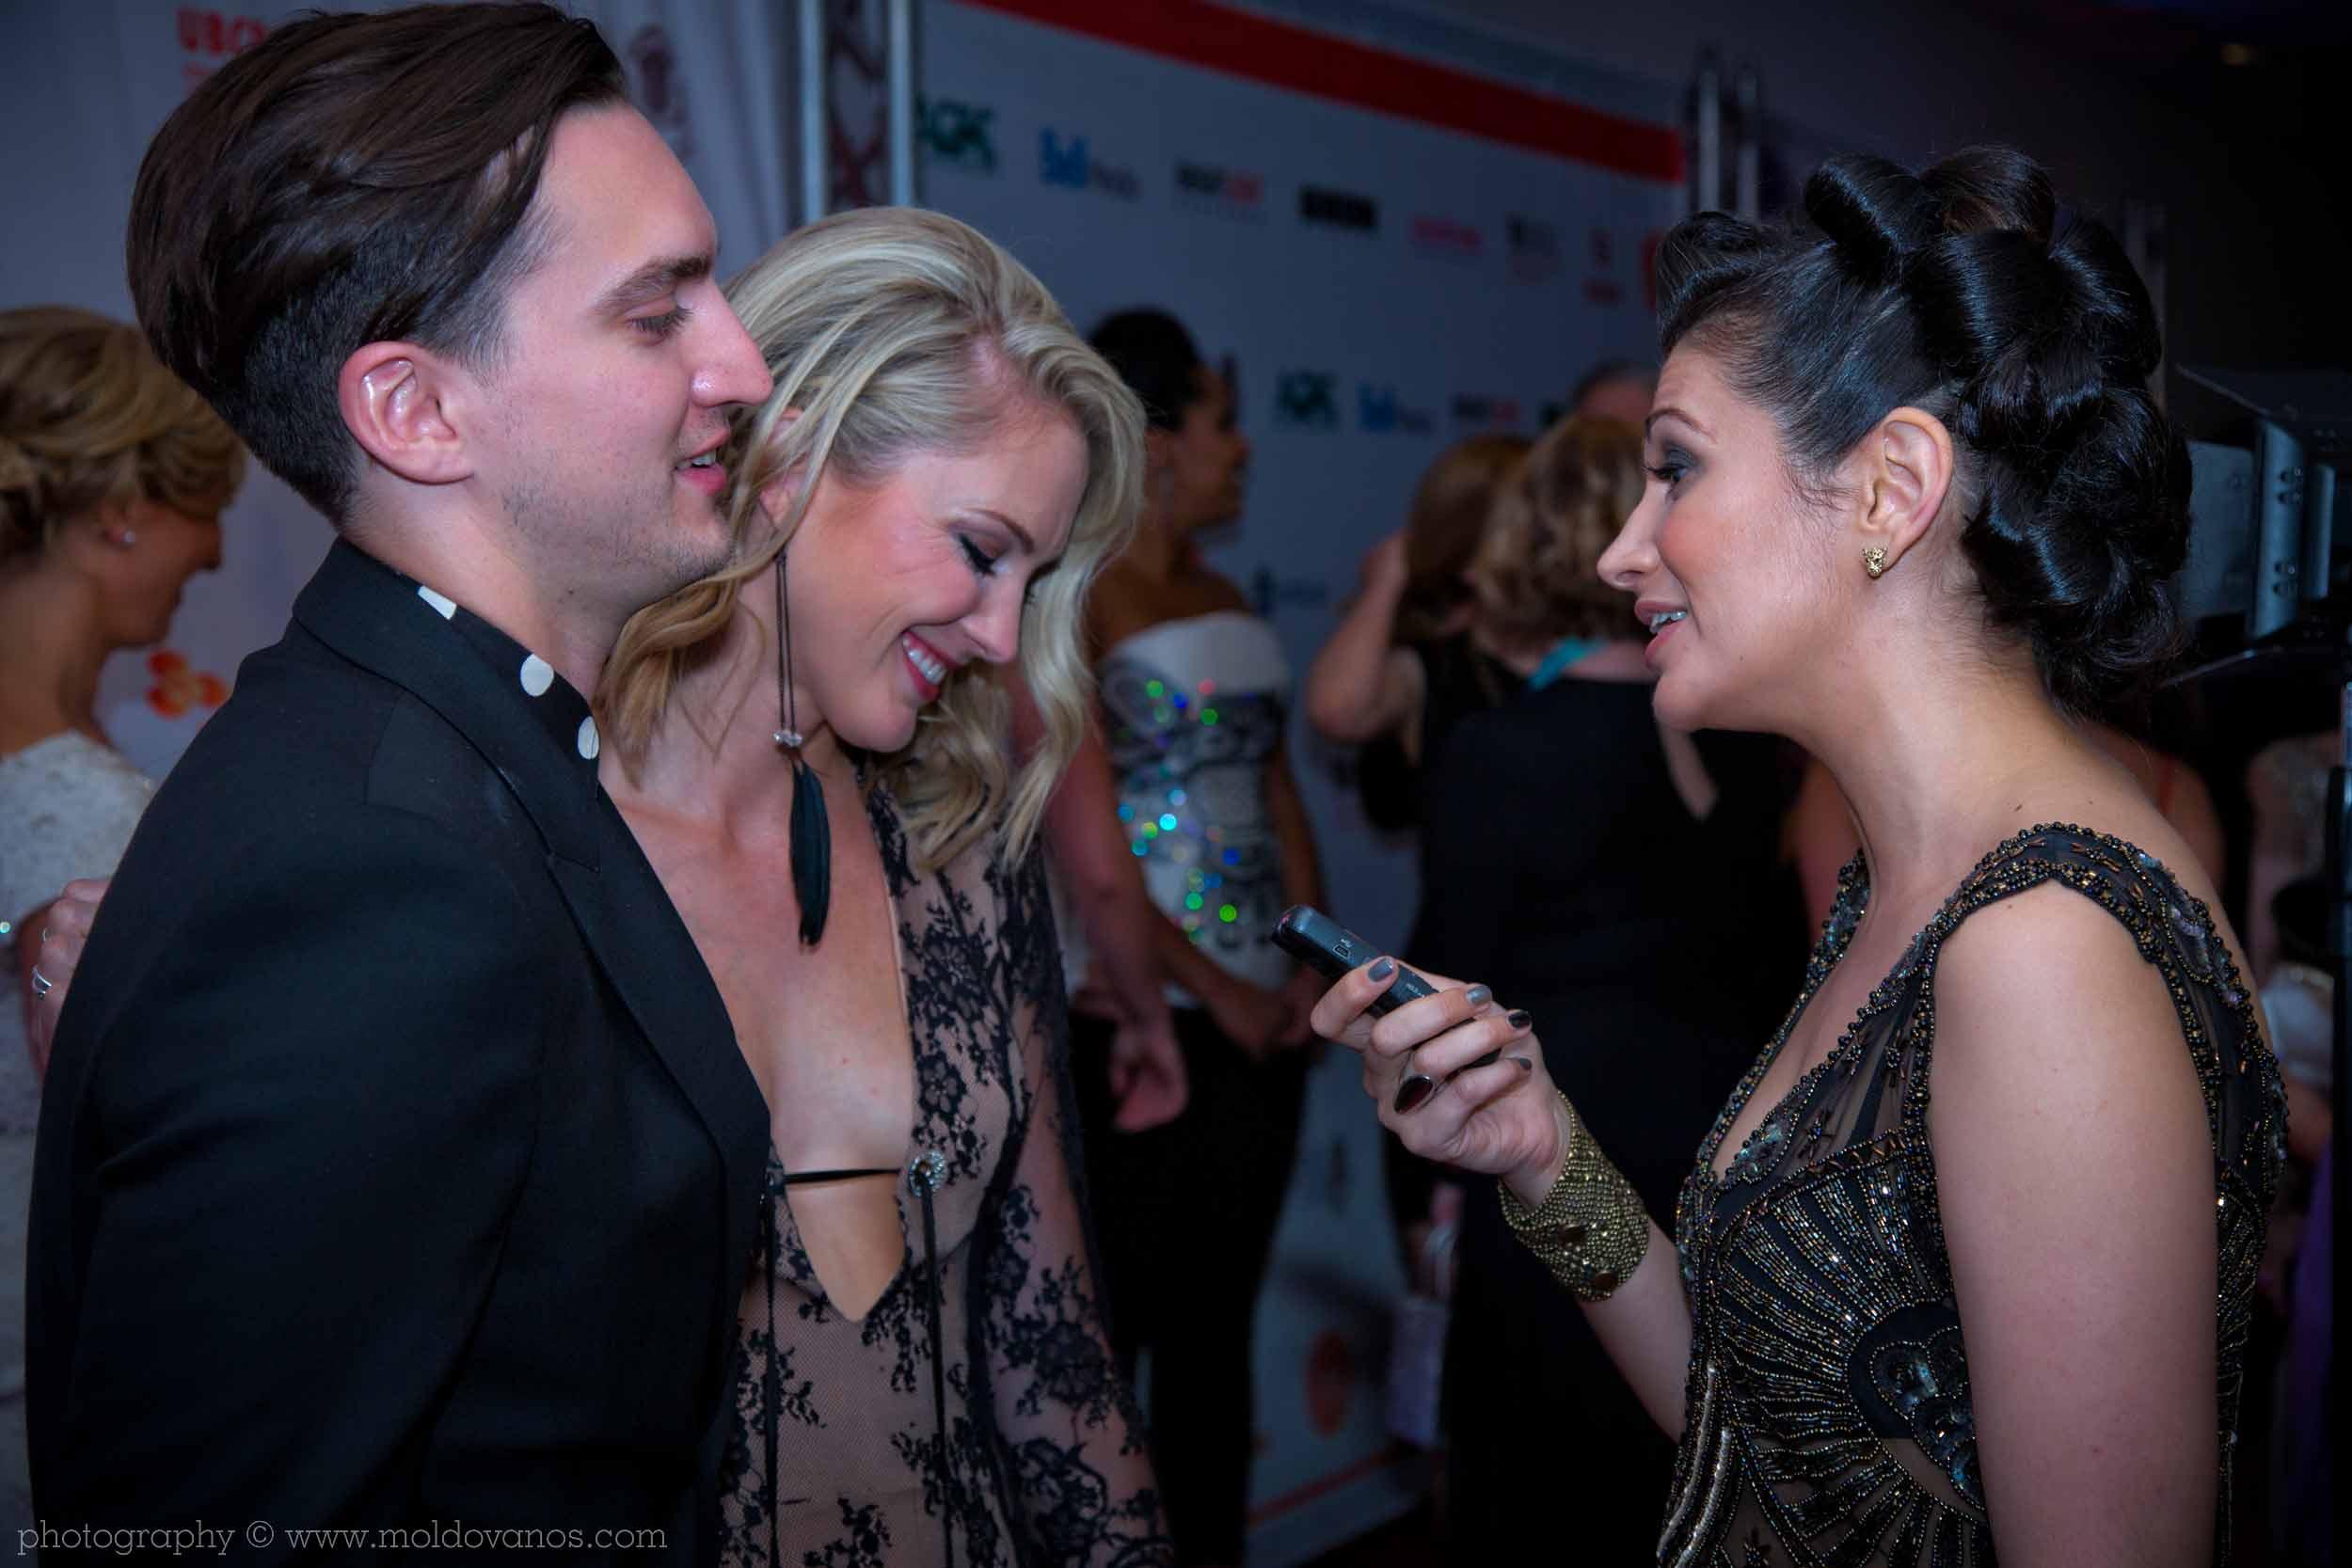 Leo Awards- Event Photography by Paul Moldovanos © moldovanos.com